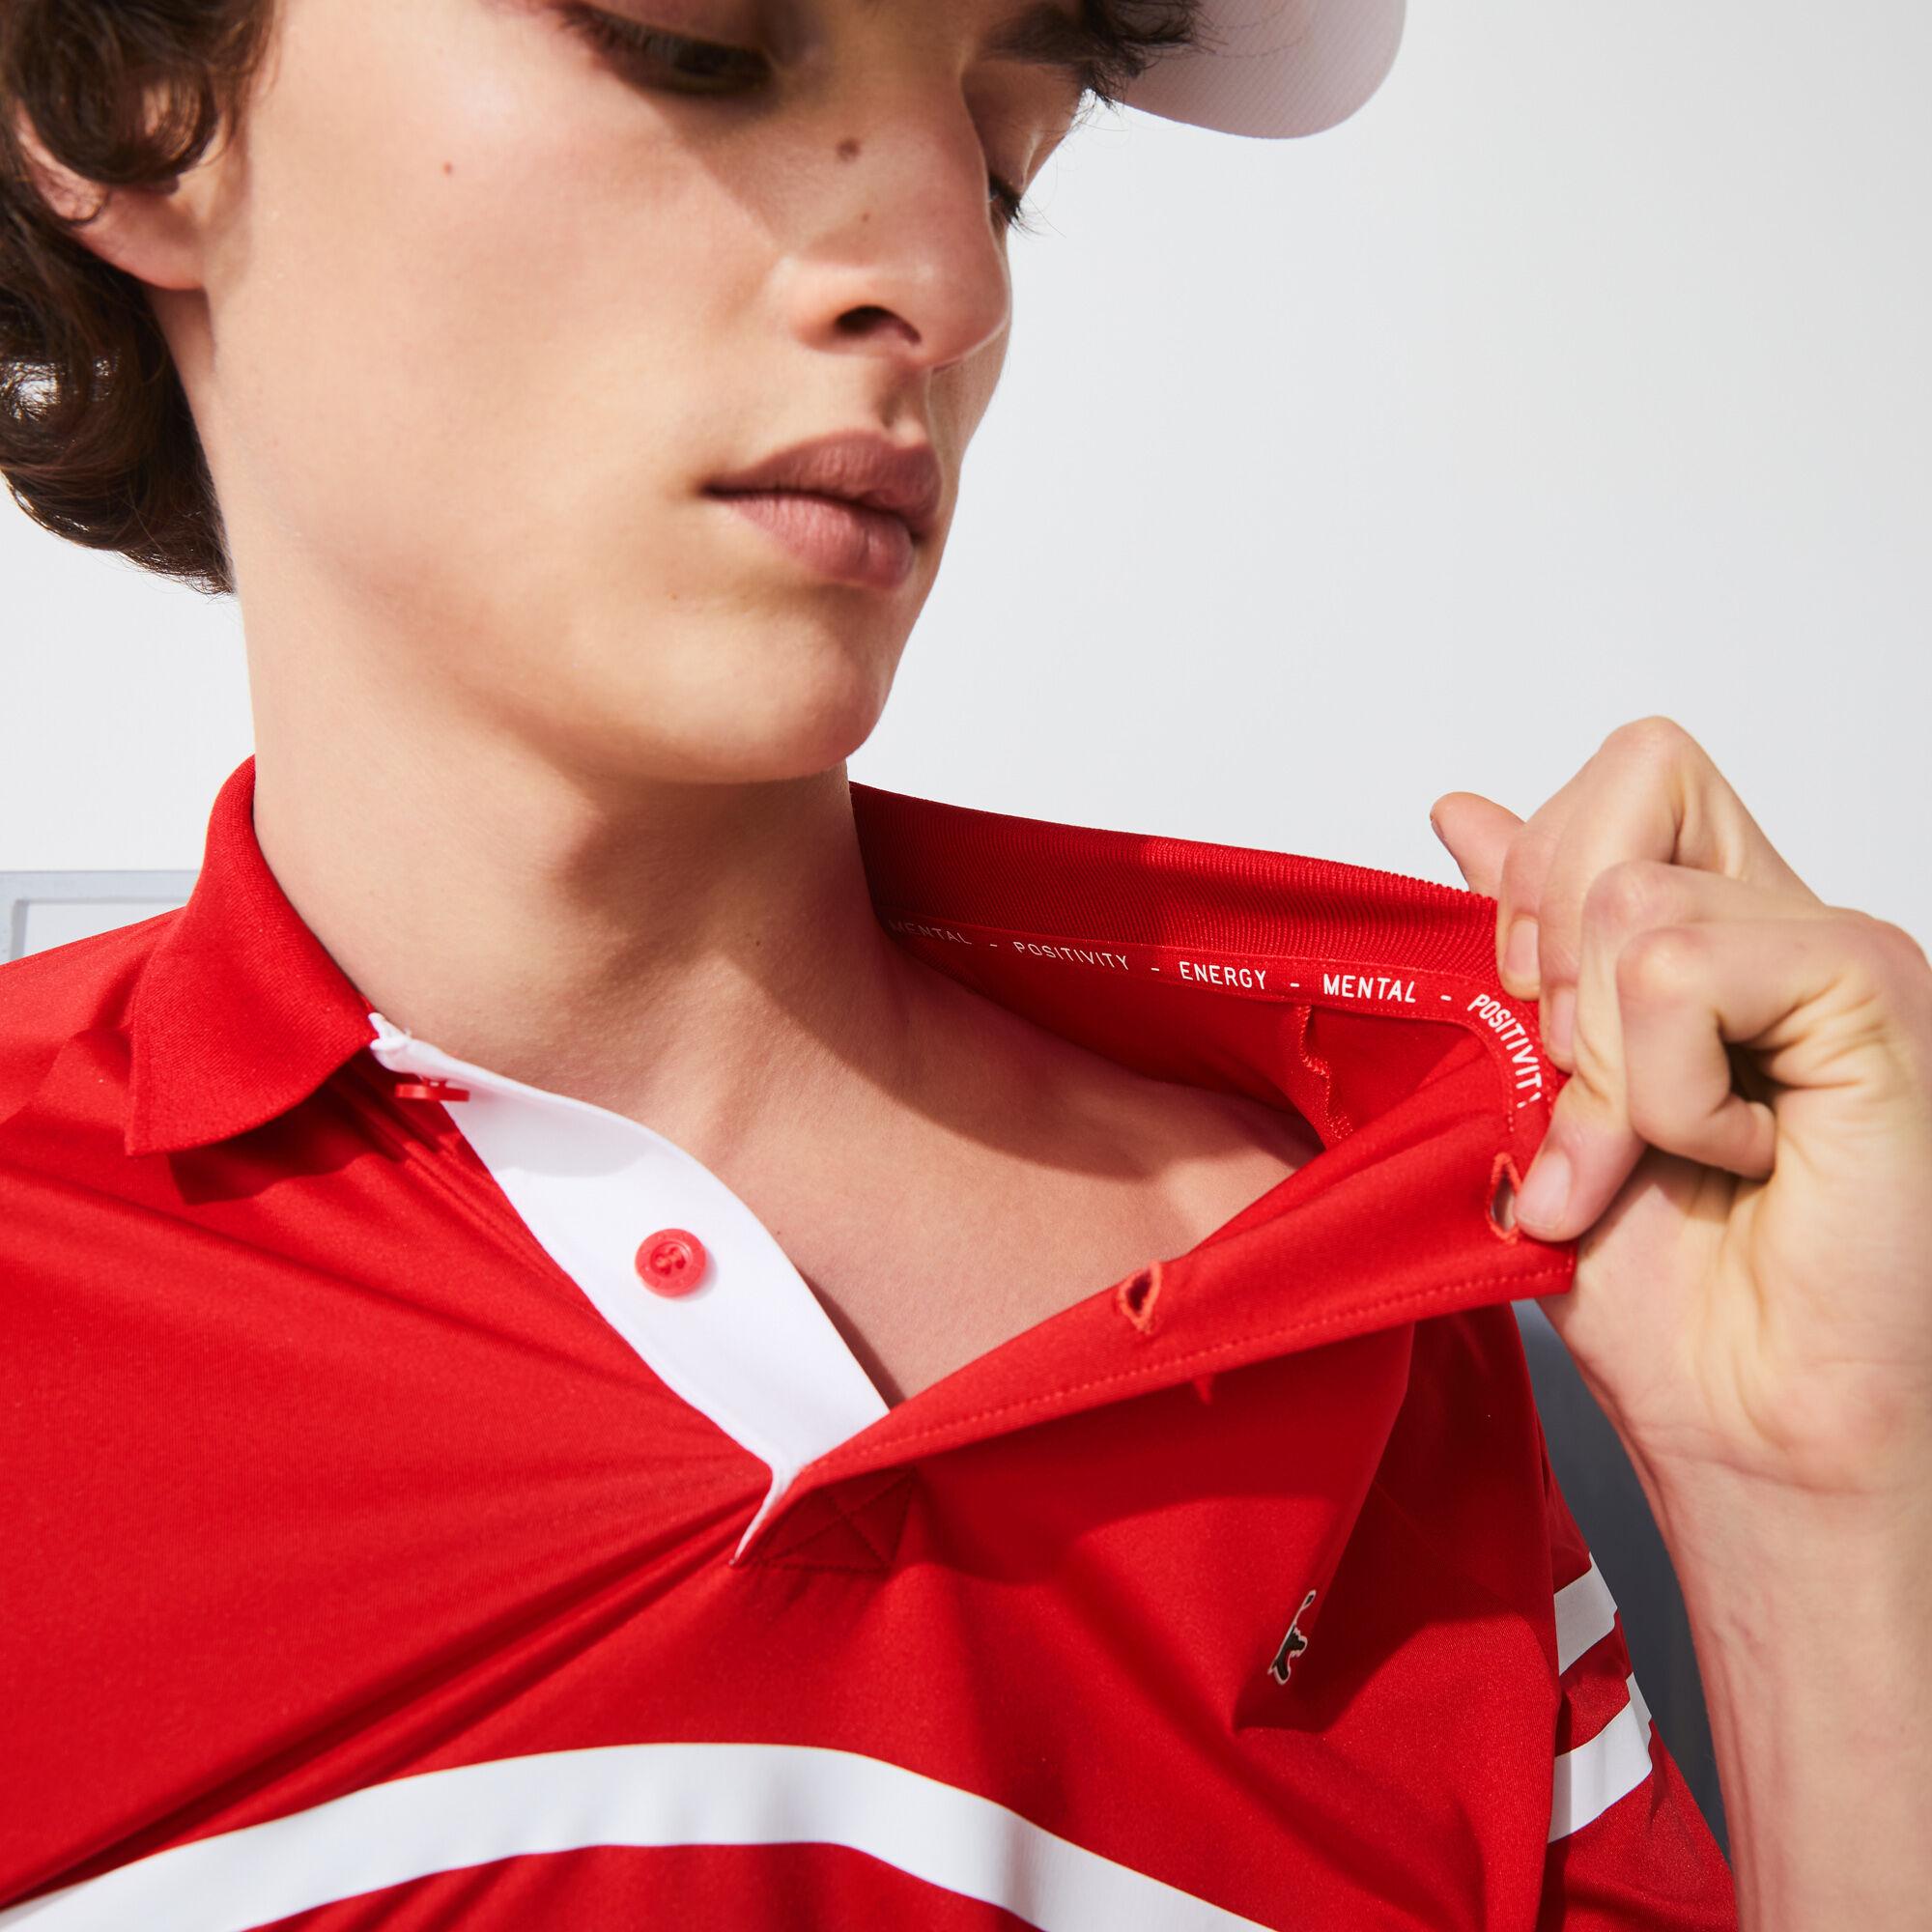 قميص بولو مقلم فائق الخفة للرجال مجموعة Lacoste SPORT و Novak Djokovic